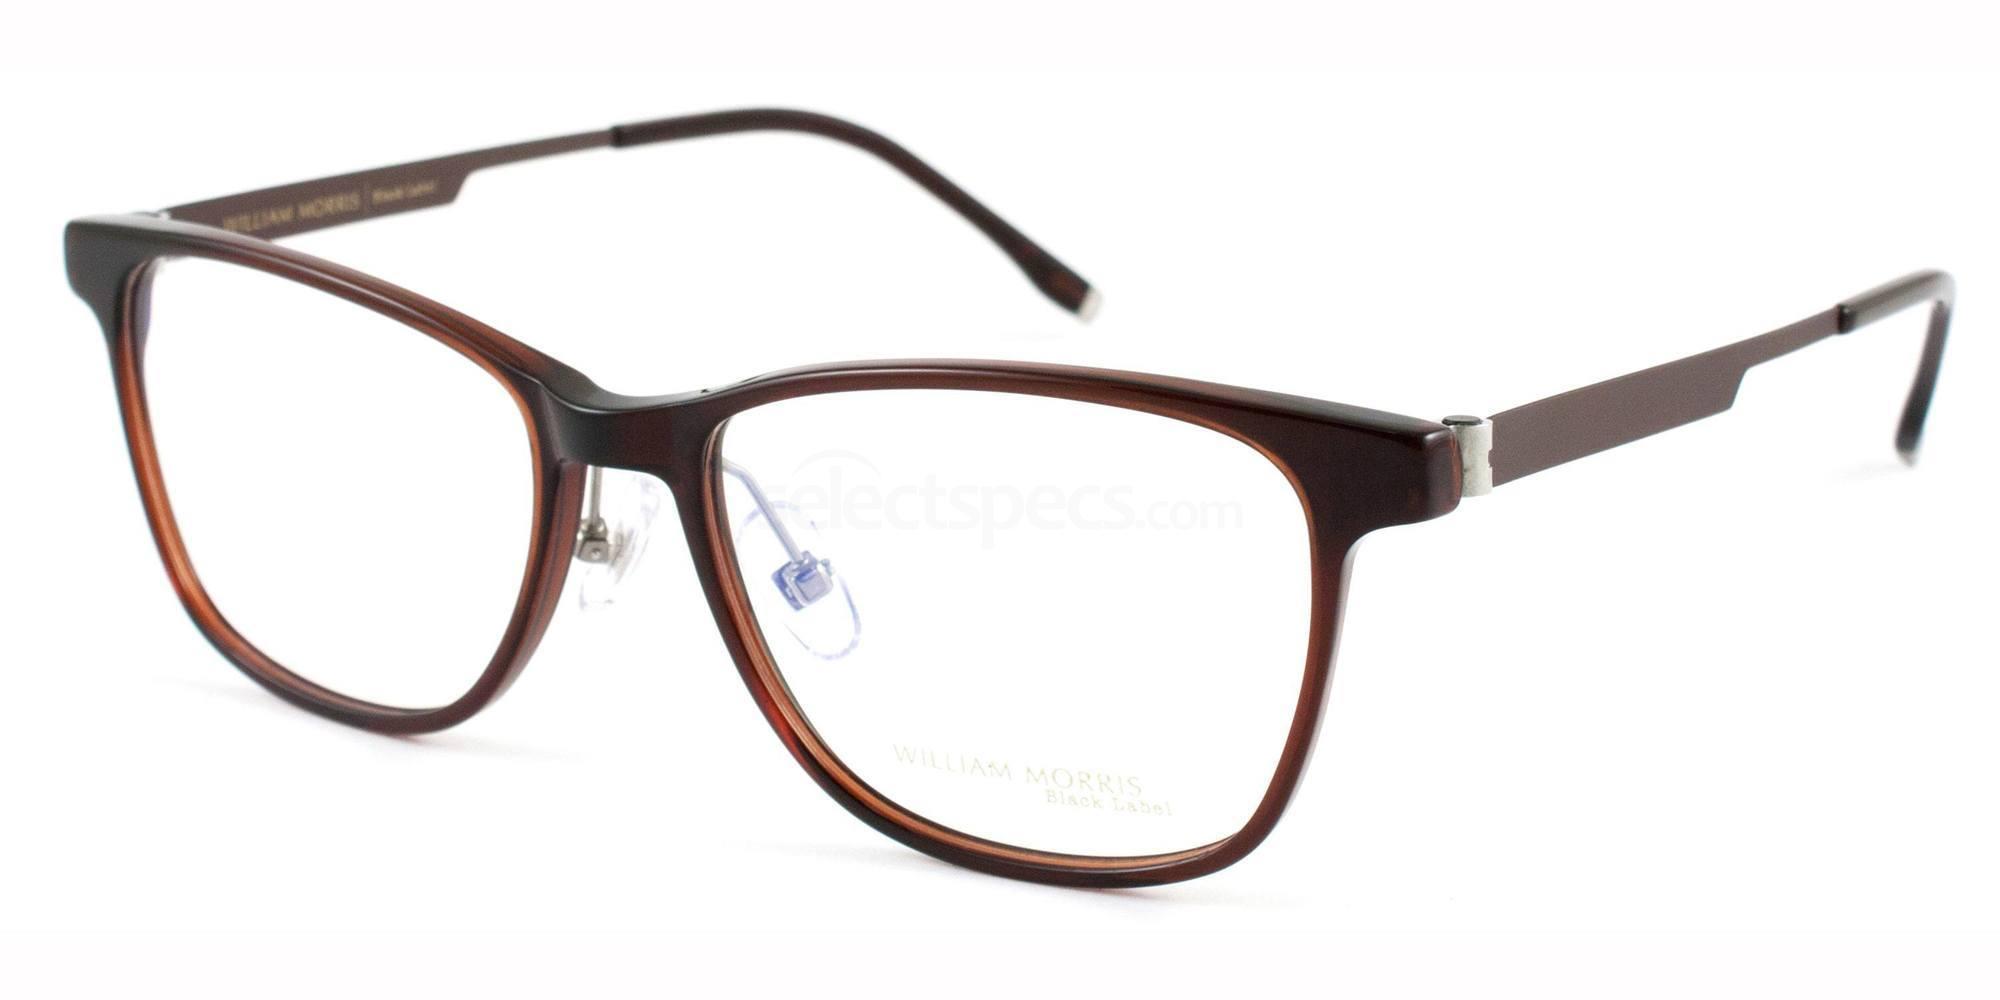 C1 BL403 Glasses, William Morris Black Label